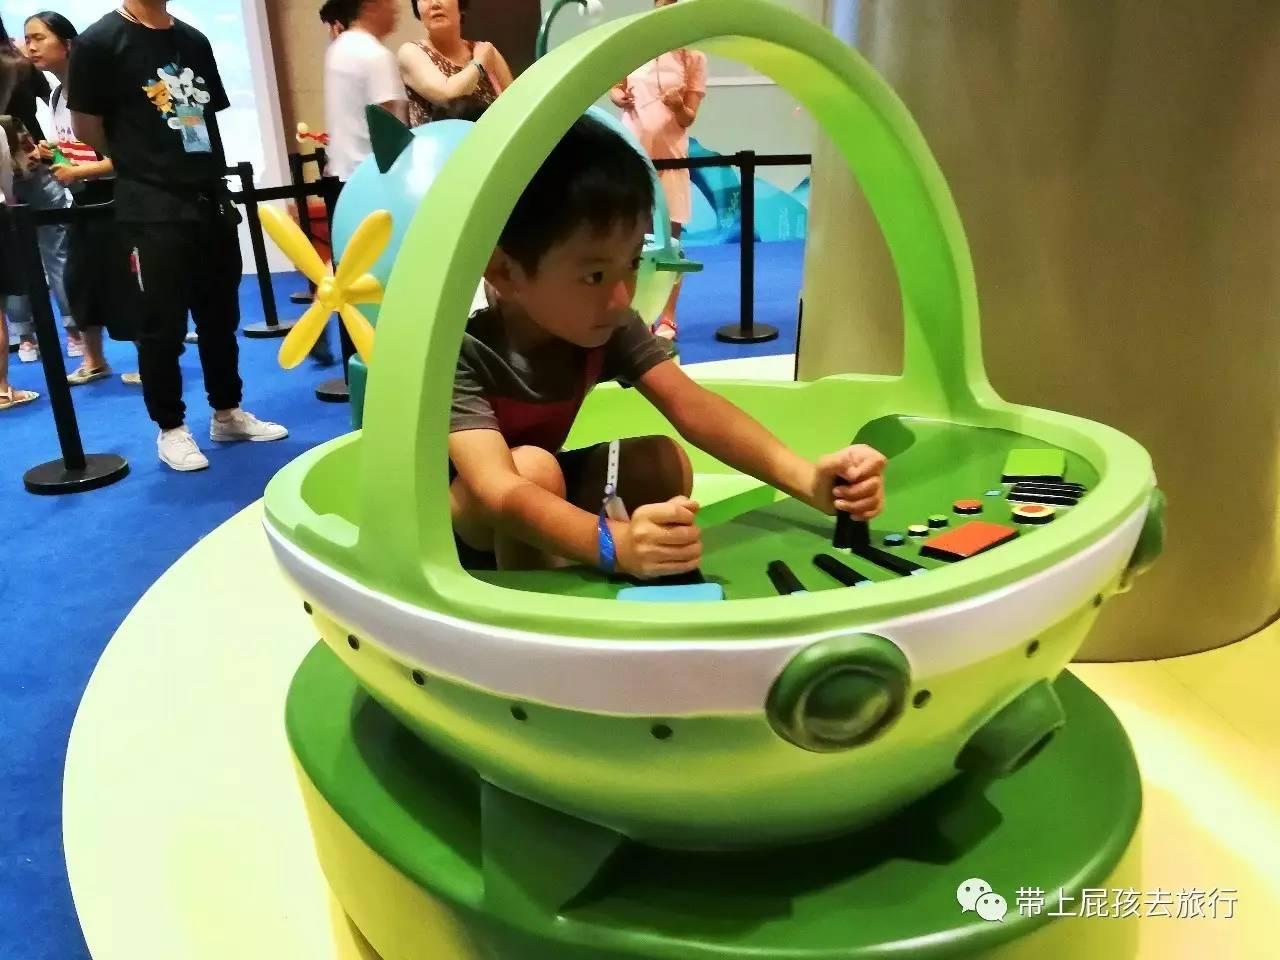 小朋友坐在椅子上跟着圆形轨道游走,再戴上特制的防晕眼镜(很像潜水镜